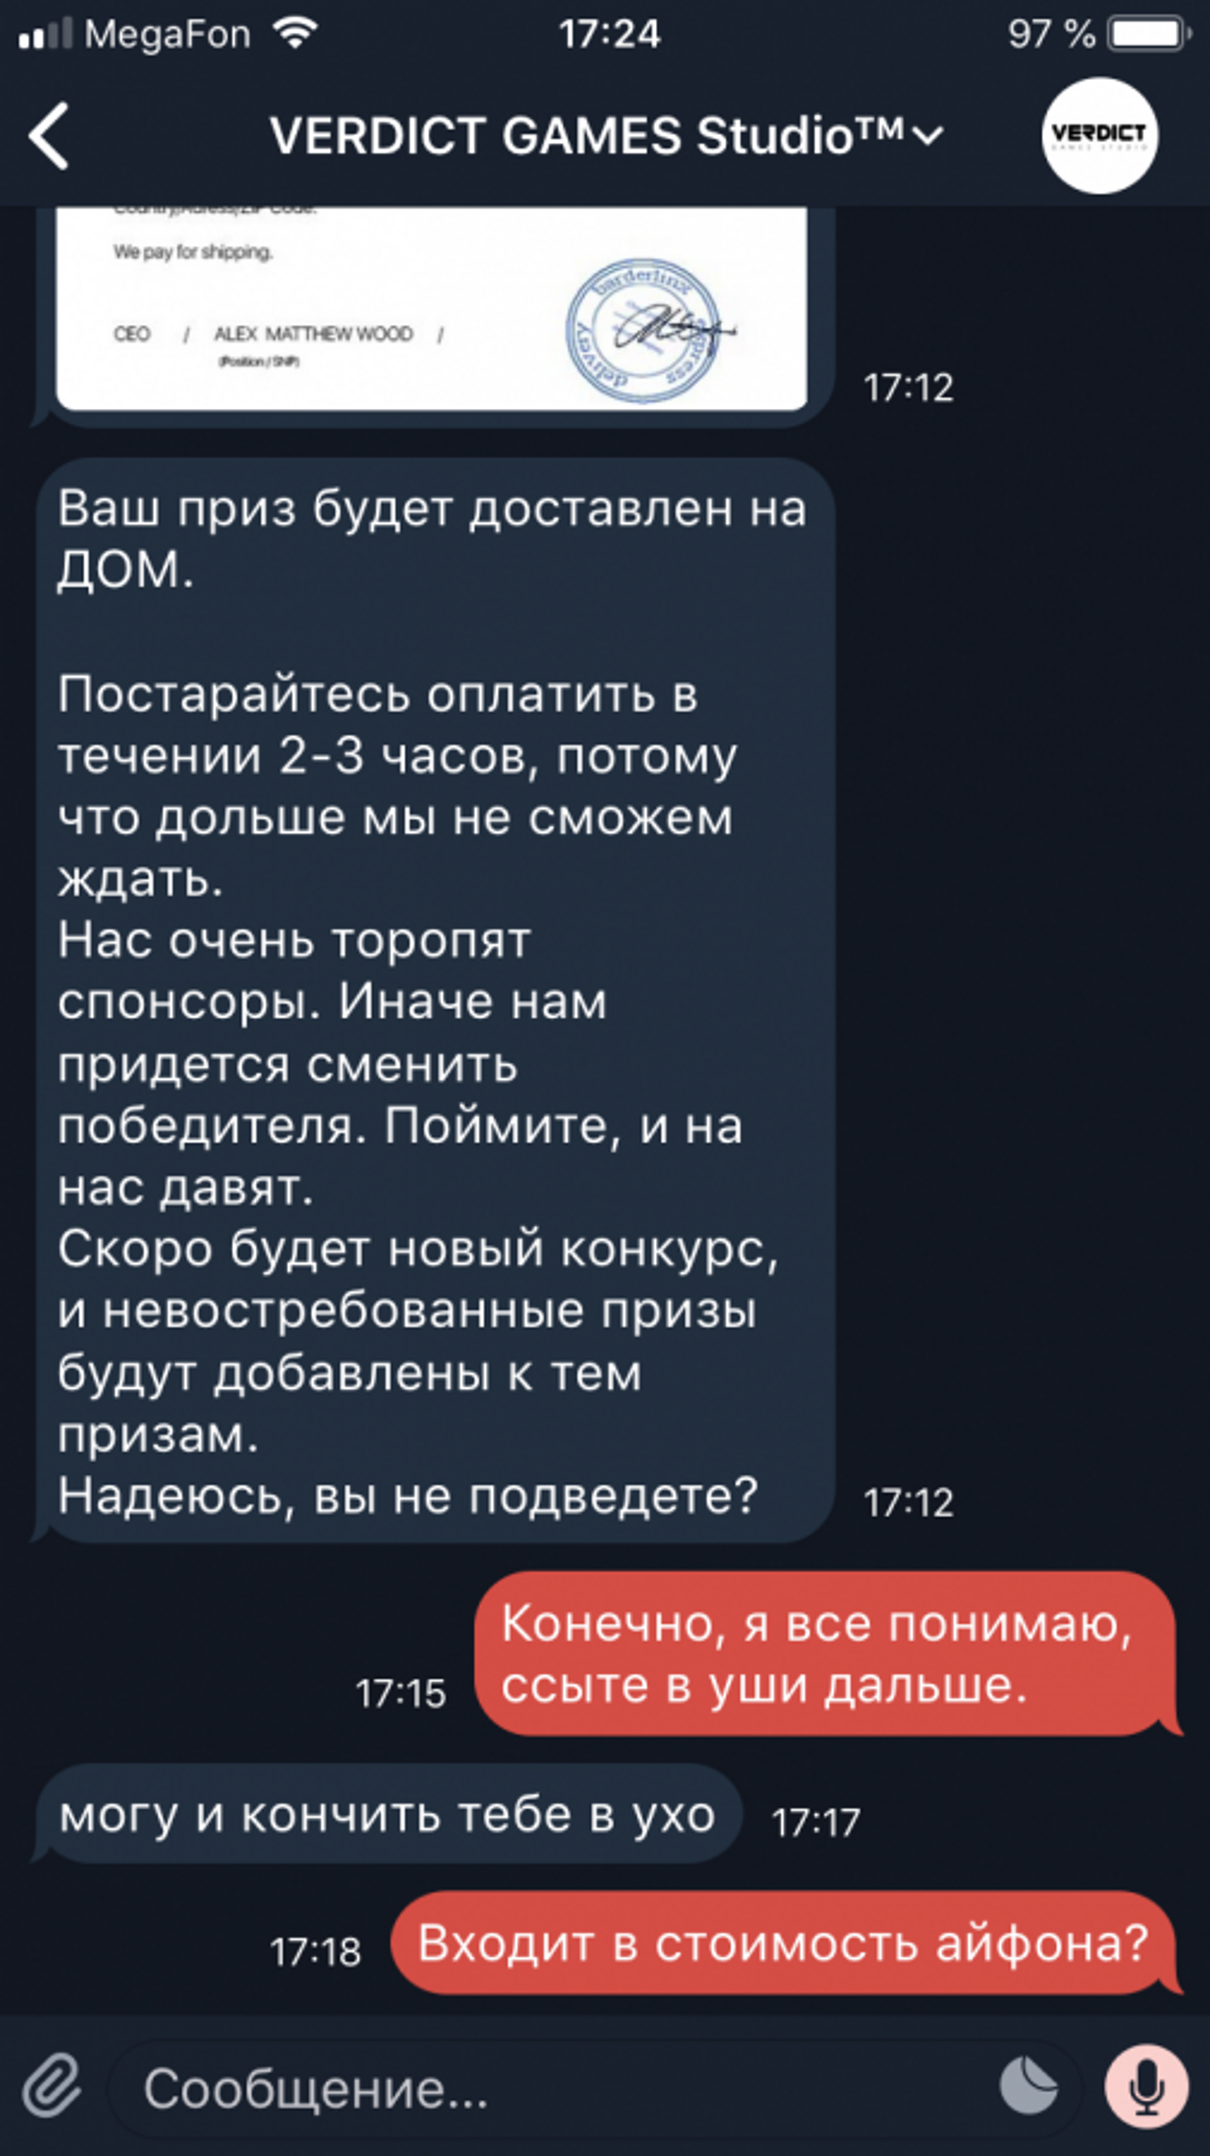 Жалоба-отзыв: Verdict__games_studio (https://vk.com/verdict__games_studio) - Выигрыш iPhone.  Фото №5